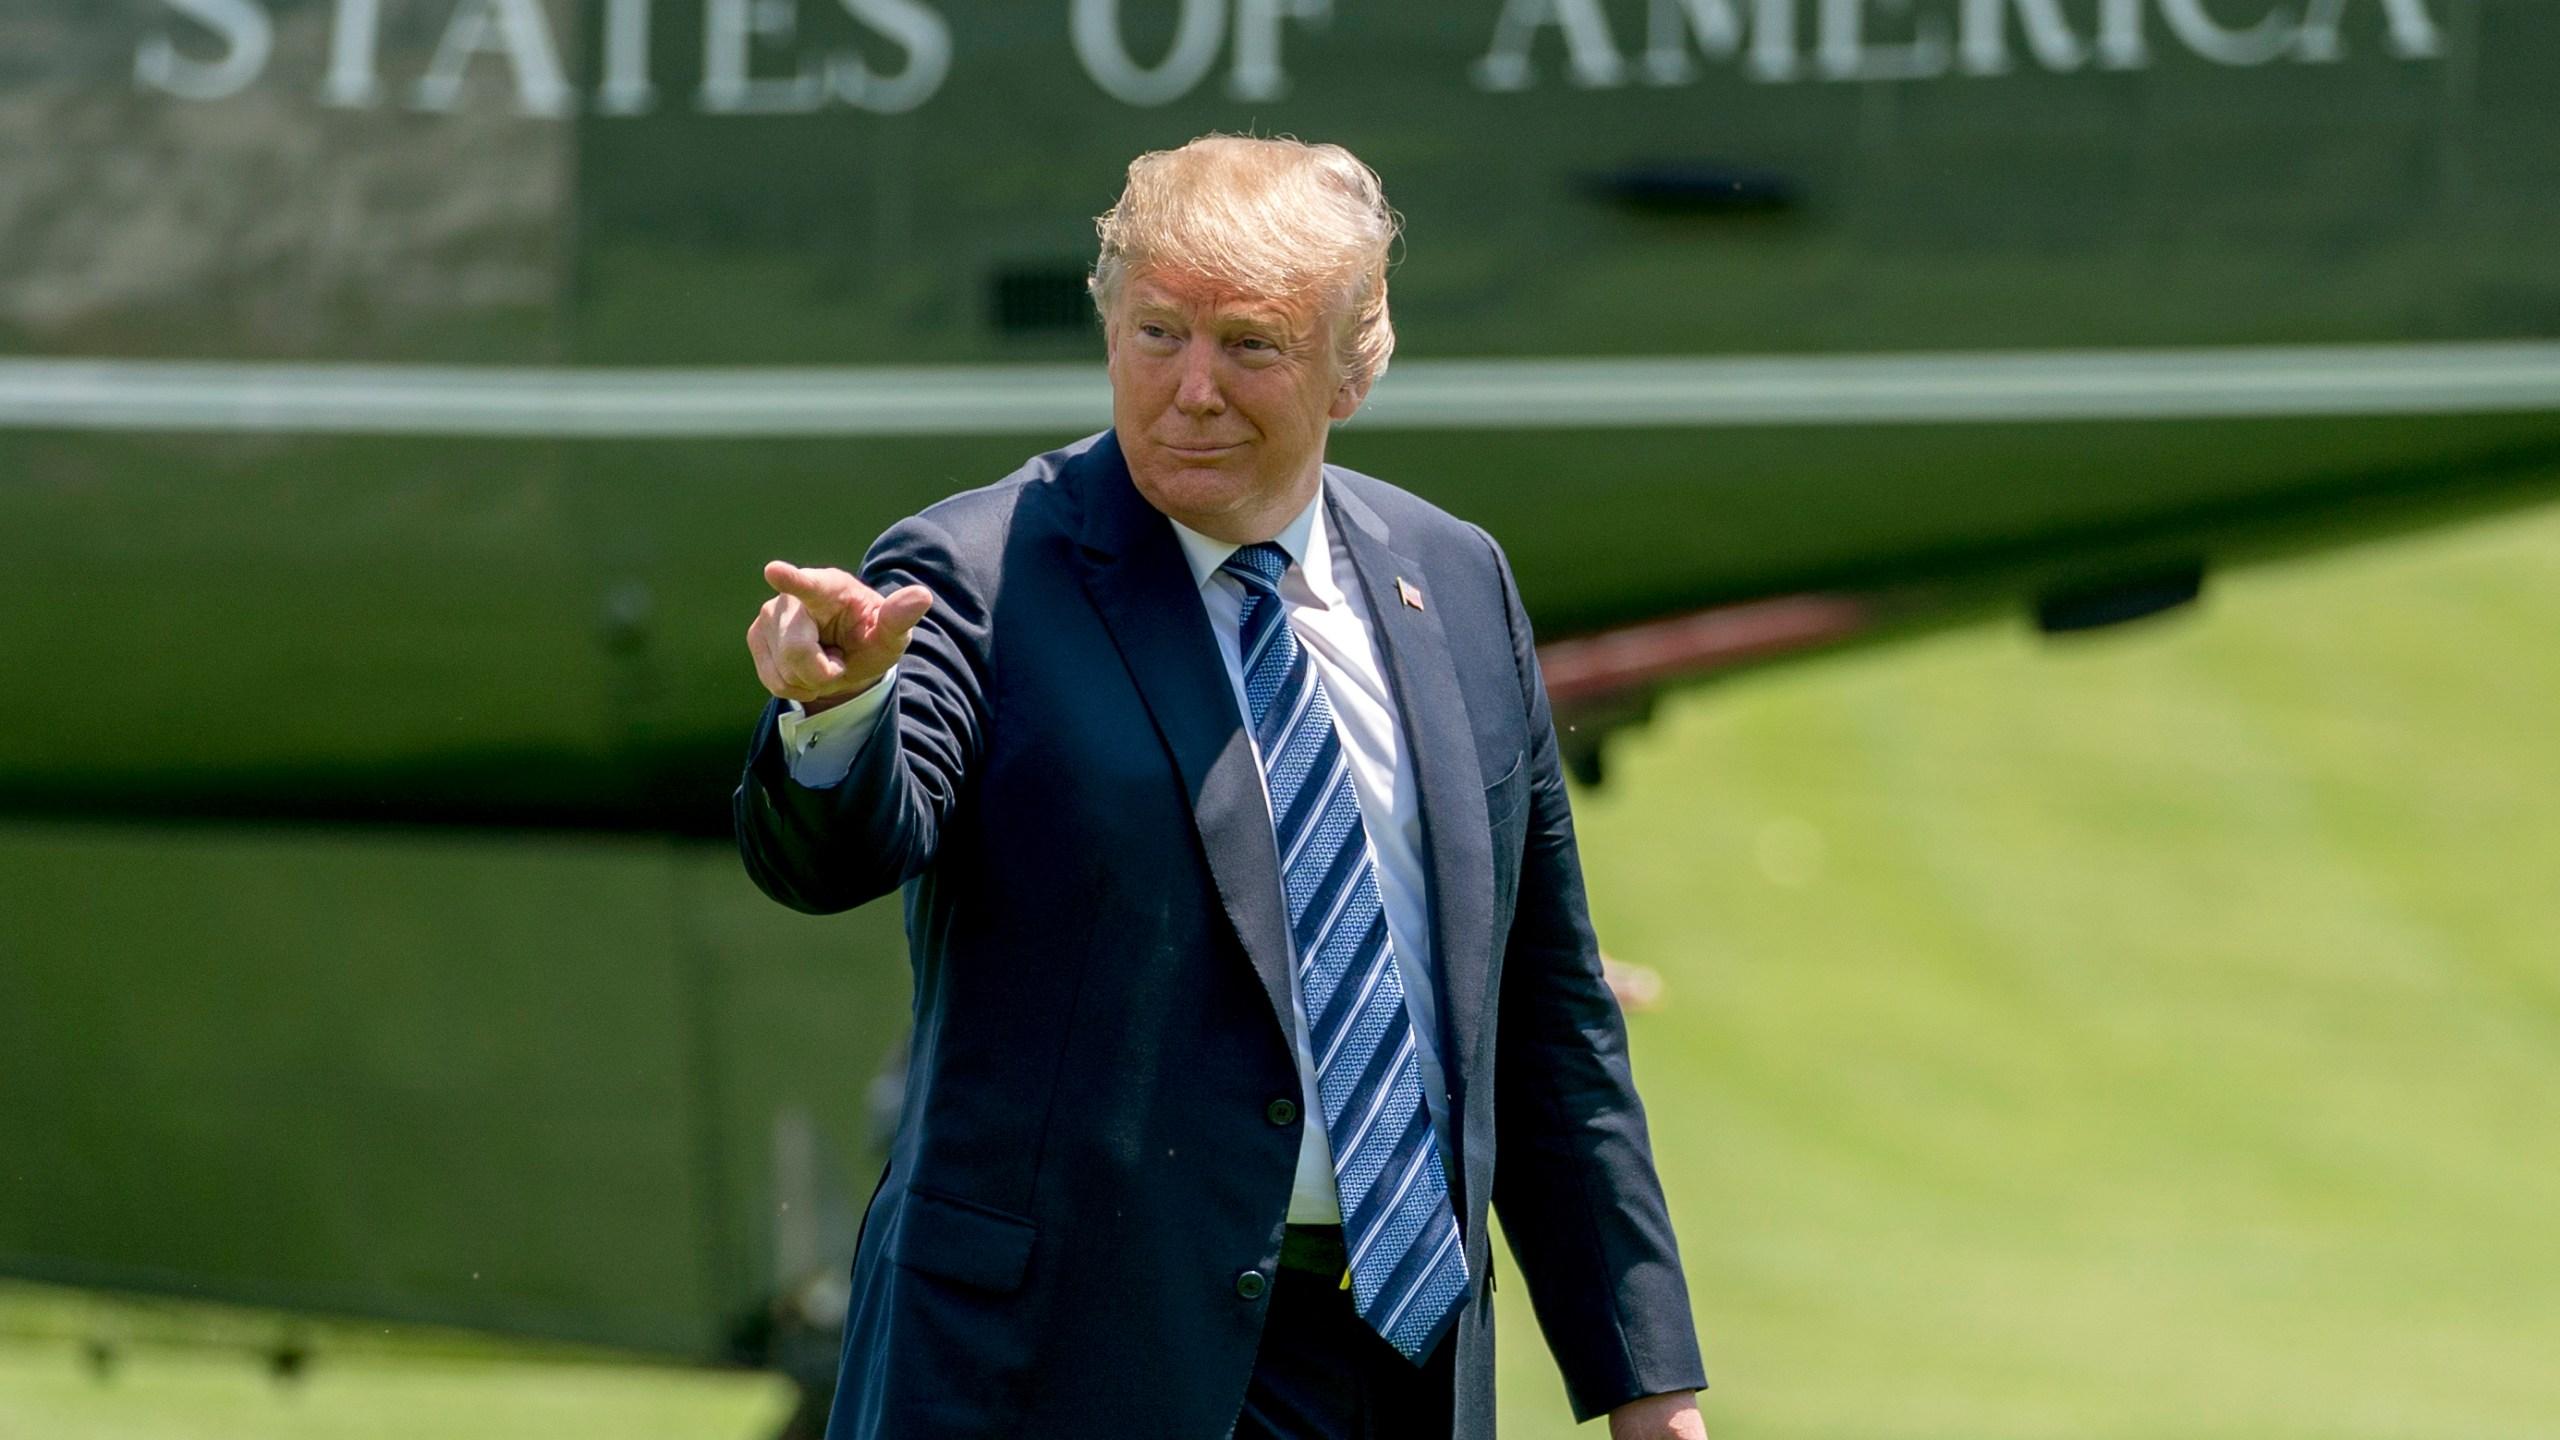 Trump_12155-159532.jpg97996340